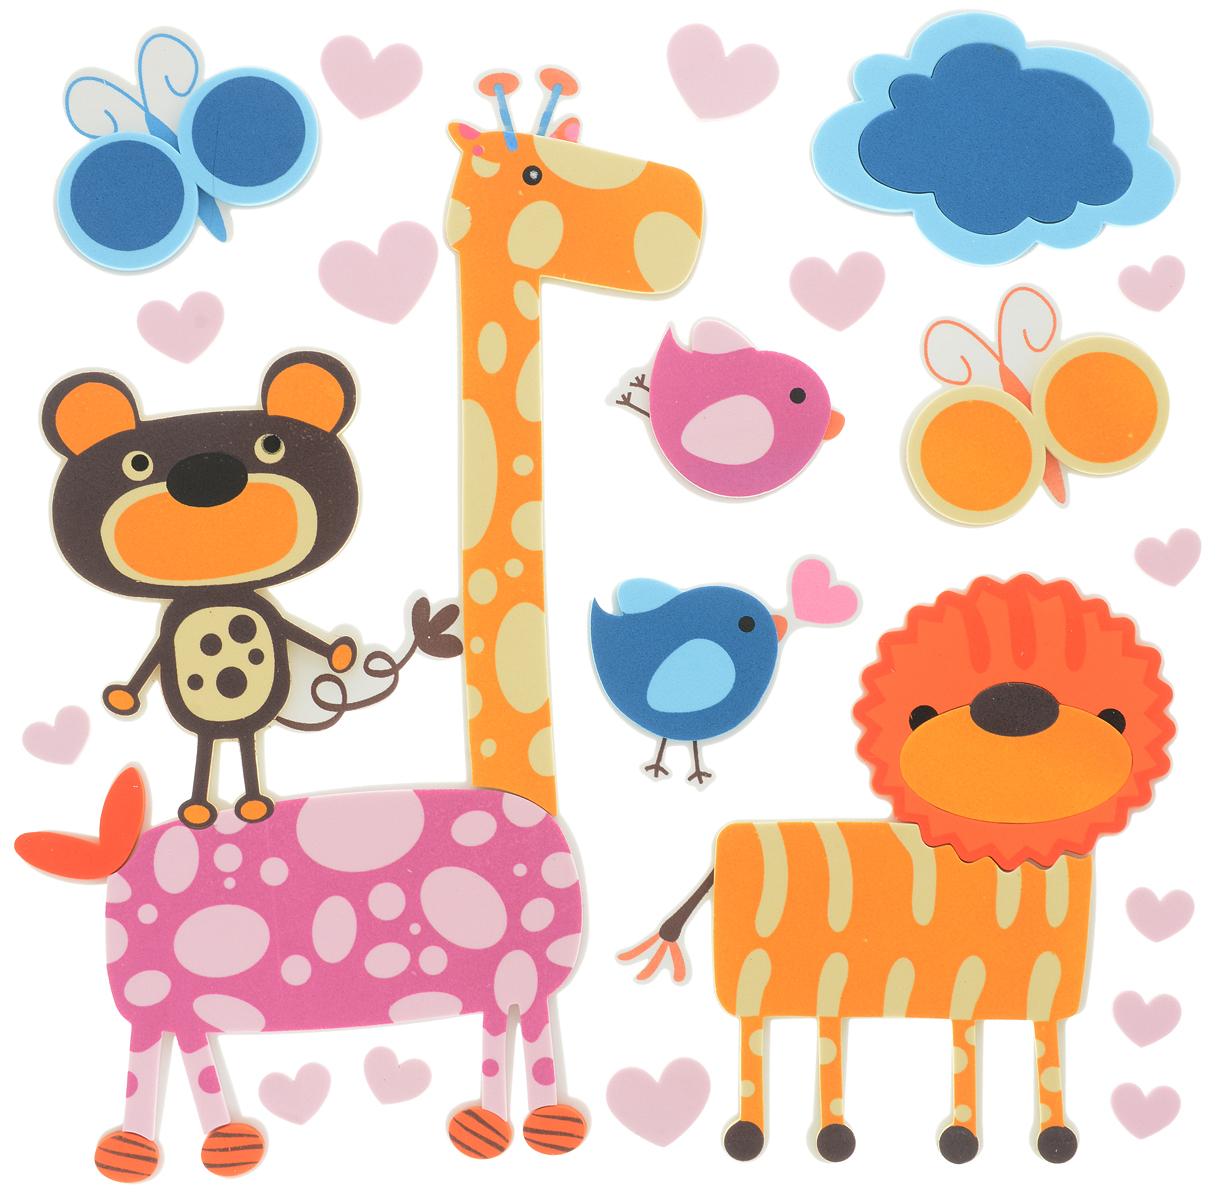 Room Decor Наклейка интерьерная Детские картинки Жираф Лев Медведь 14 шт -  Детская комната